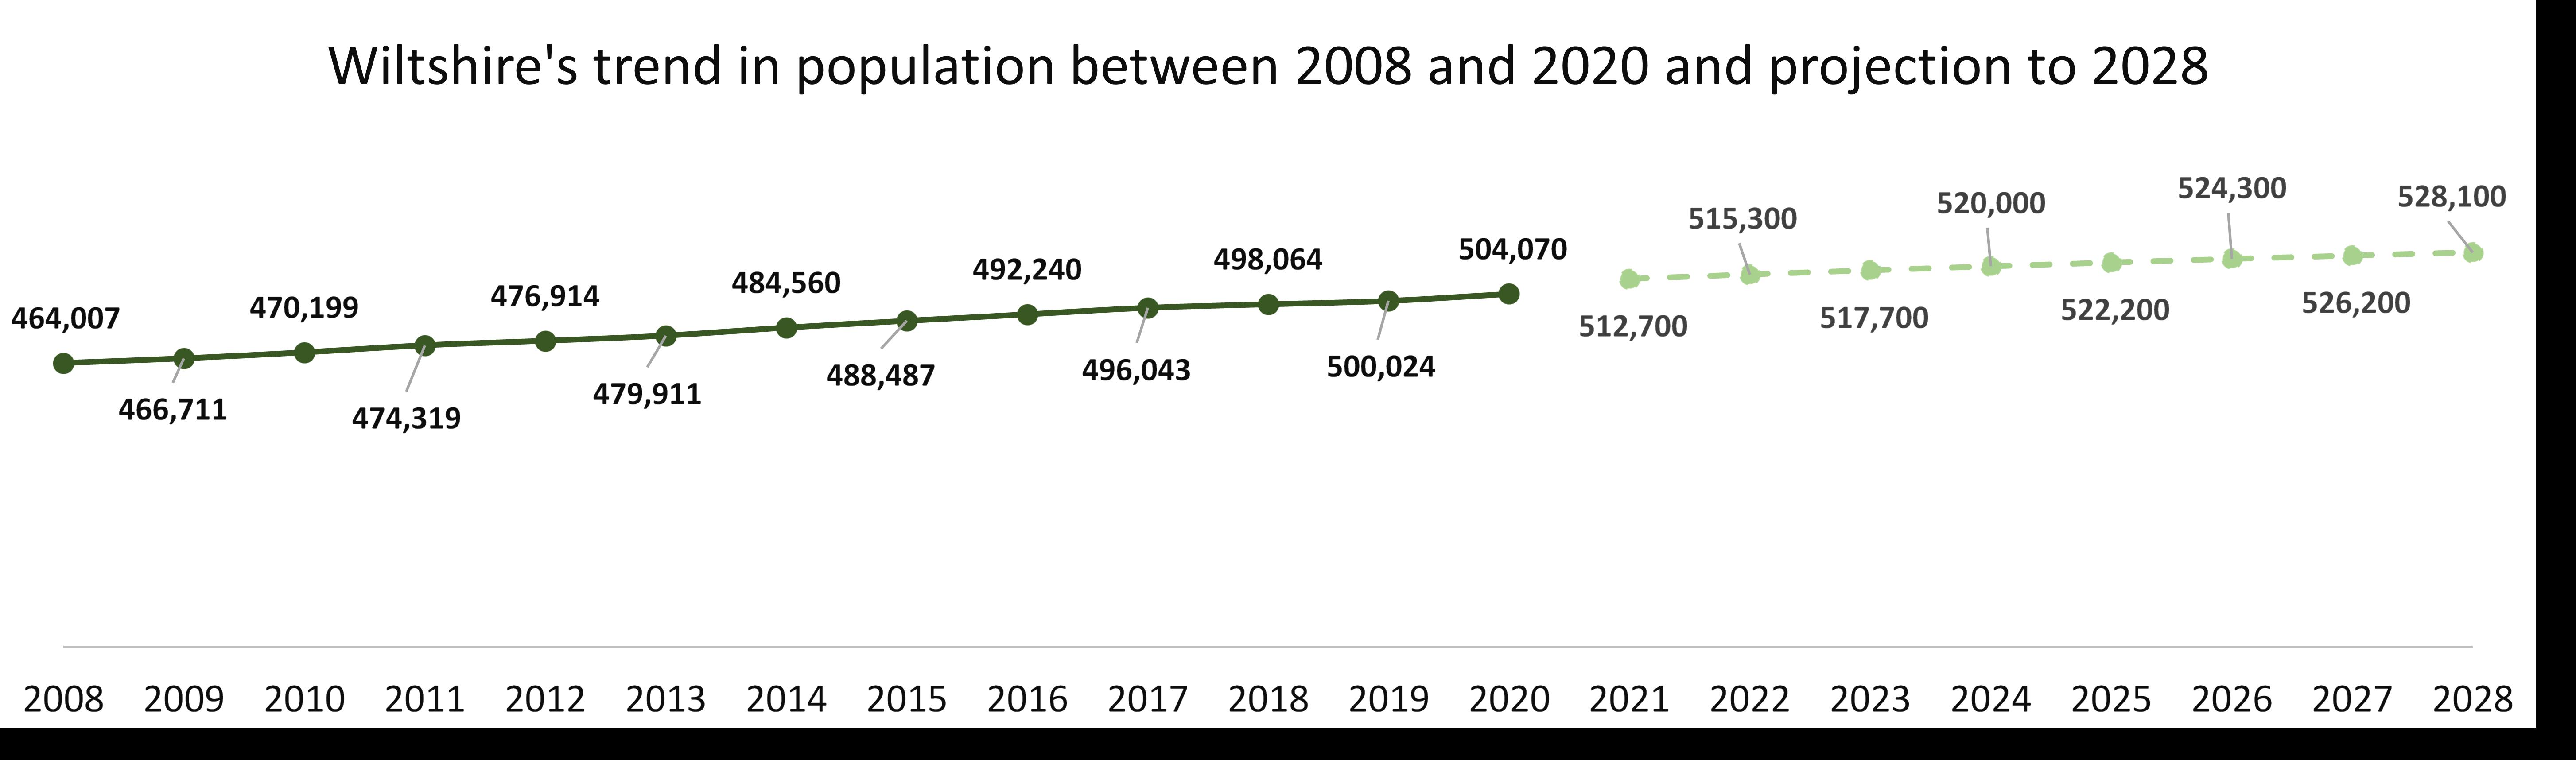 Pop trend 2020